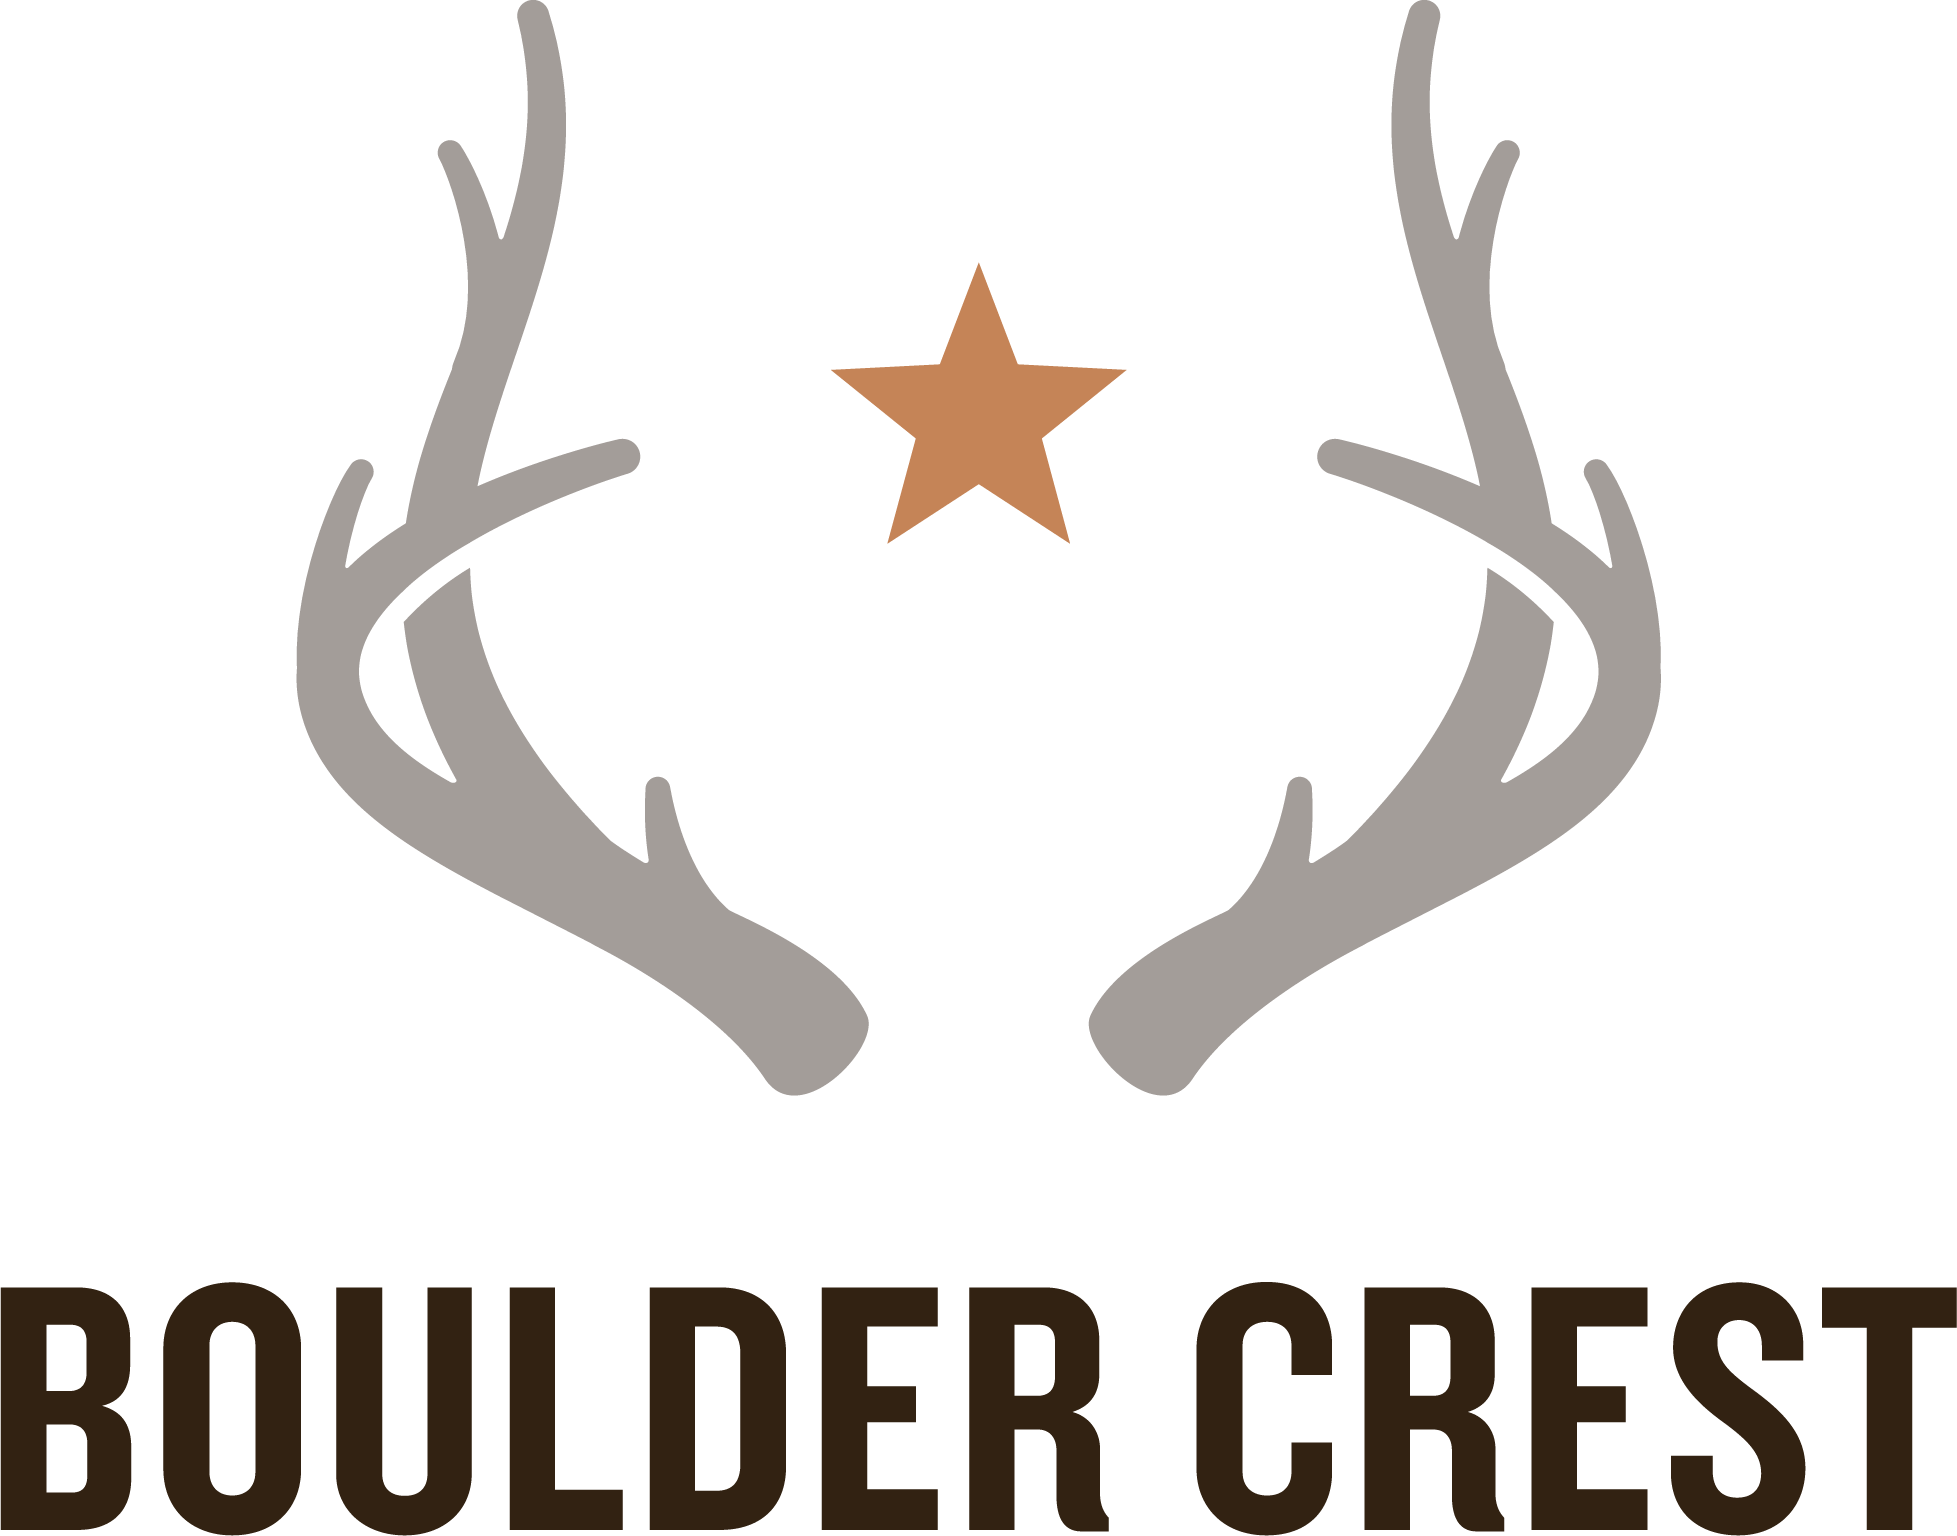 2021 Boulder Crest 5k, 10k, & Half